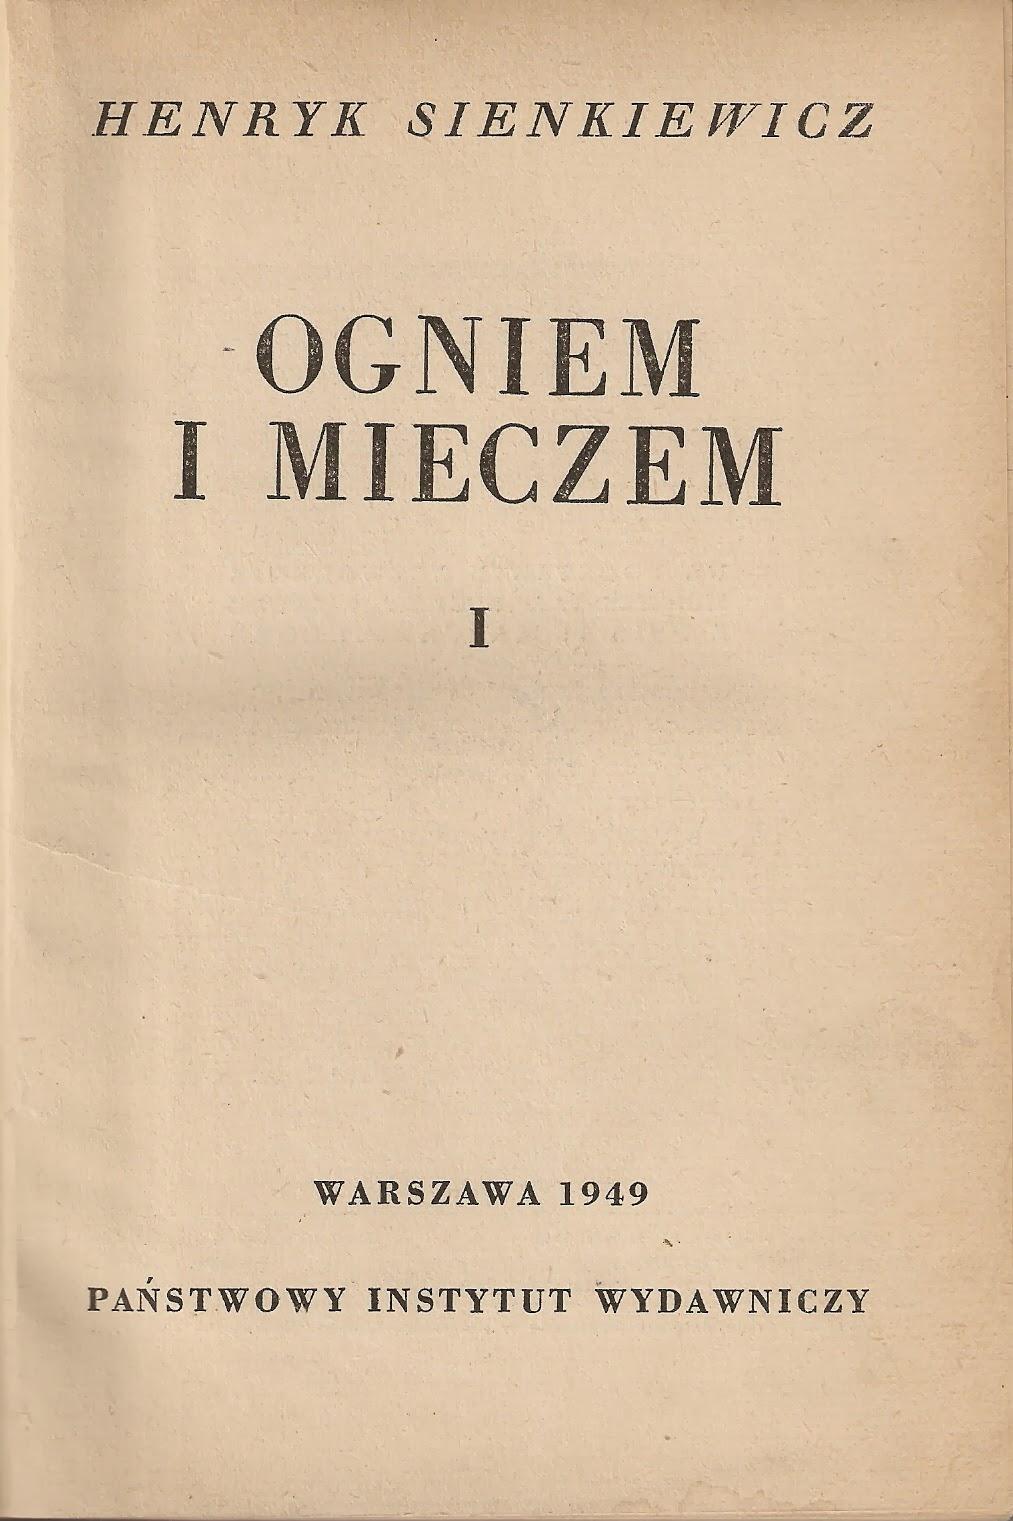 Ogniem i mieczem, Henryk Sienkiewicz, wydanie z 1949